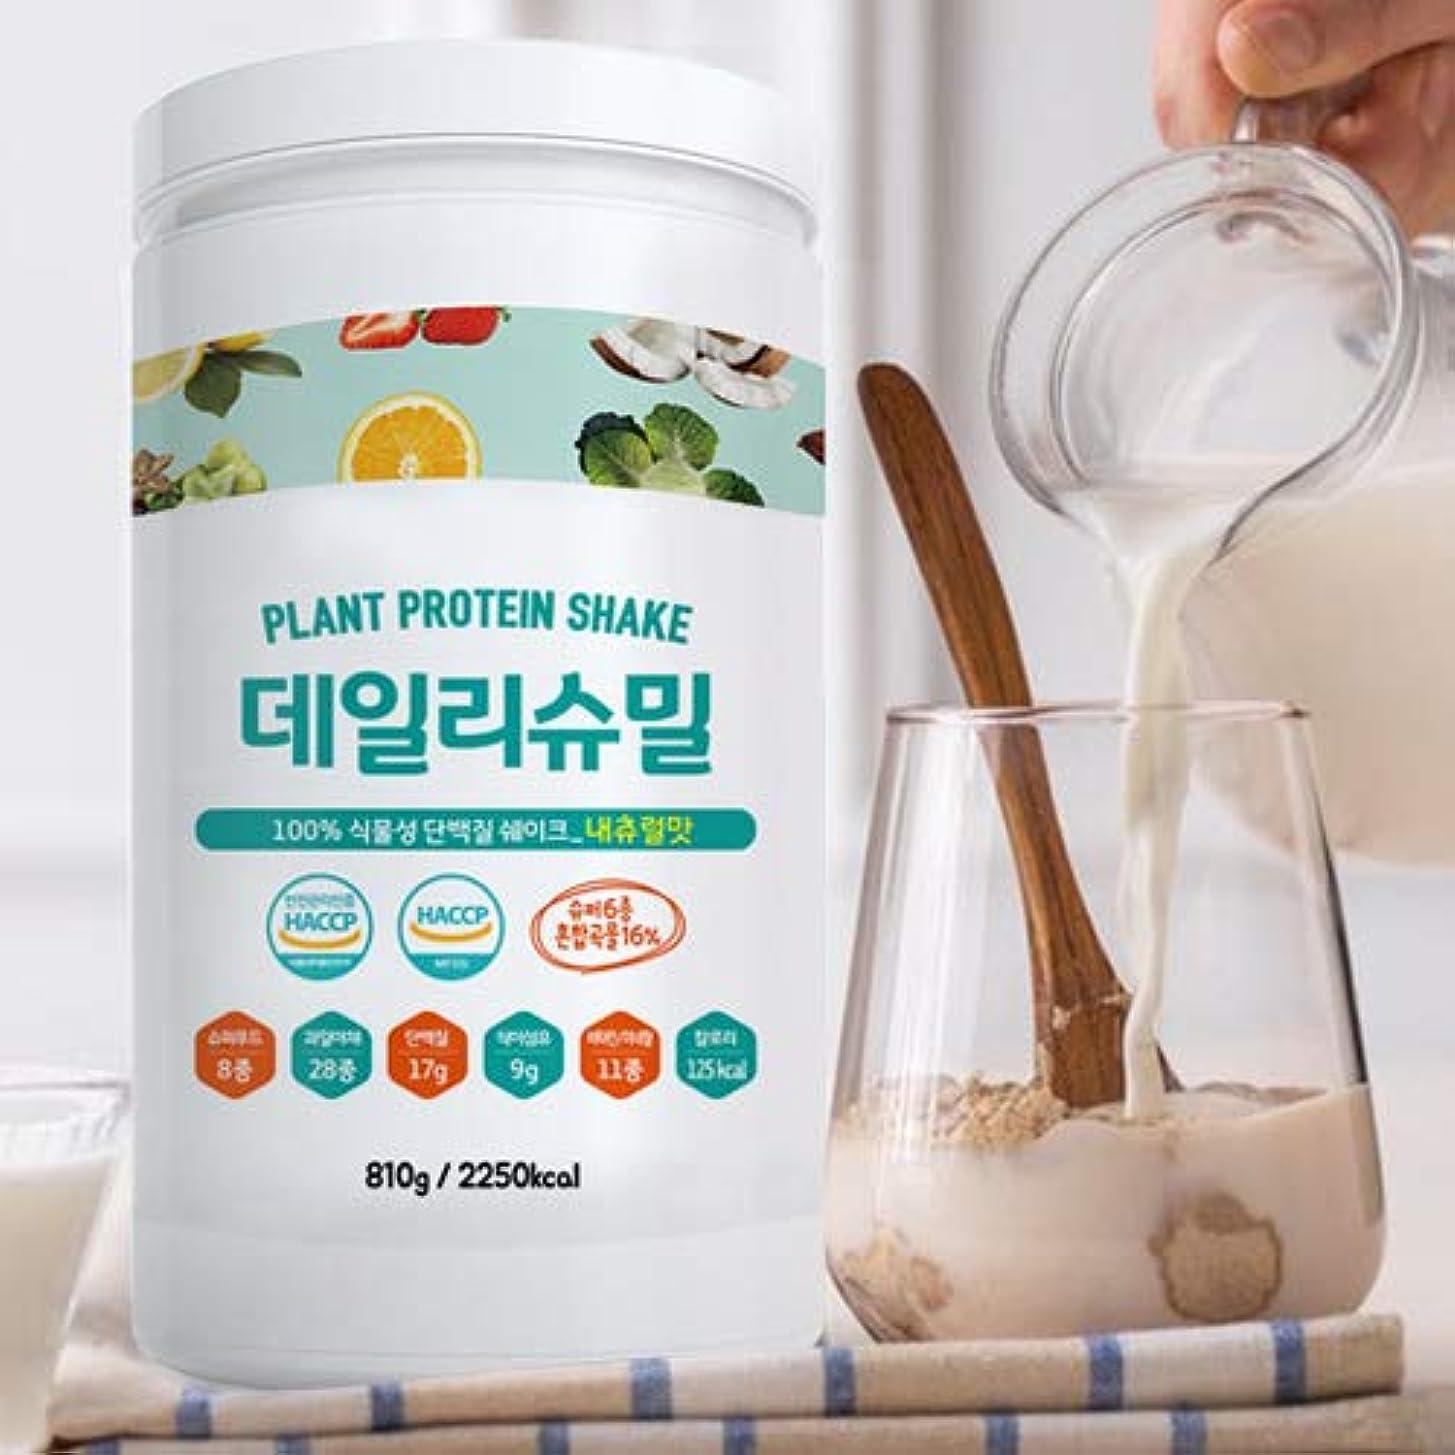 旅行恩恵無許可デイリーシュミル (Dailysumeal) ◎韓国 ランキング1位◎ 植物性原料100% タンパク質 シェイク + スーパーフードシェイク 810g (ナチュナル,ココア)